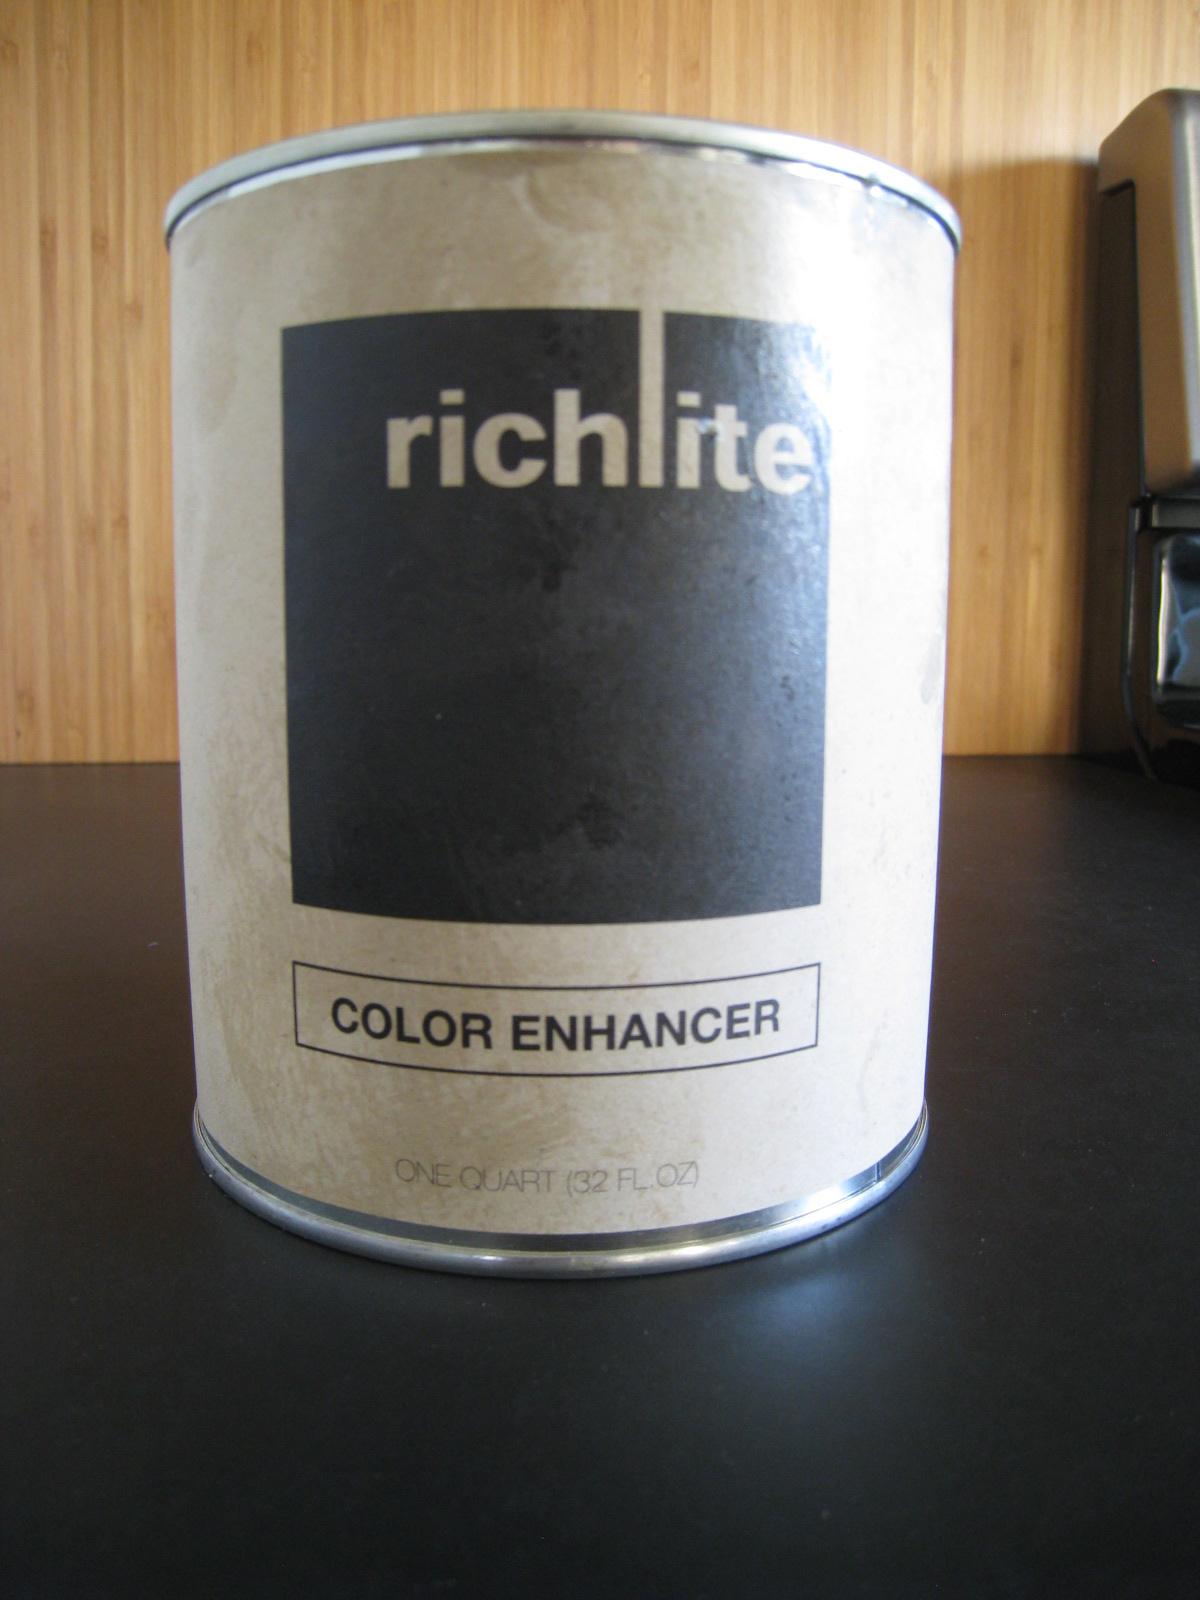 Richlite color enhancer finish